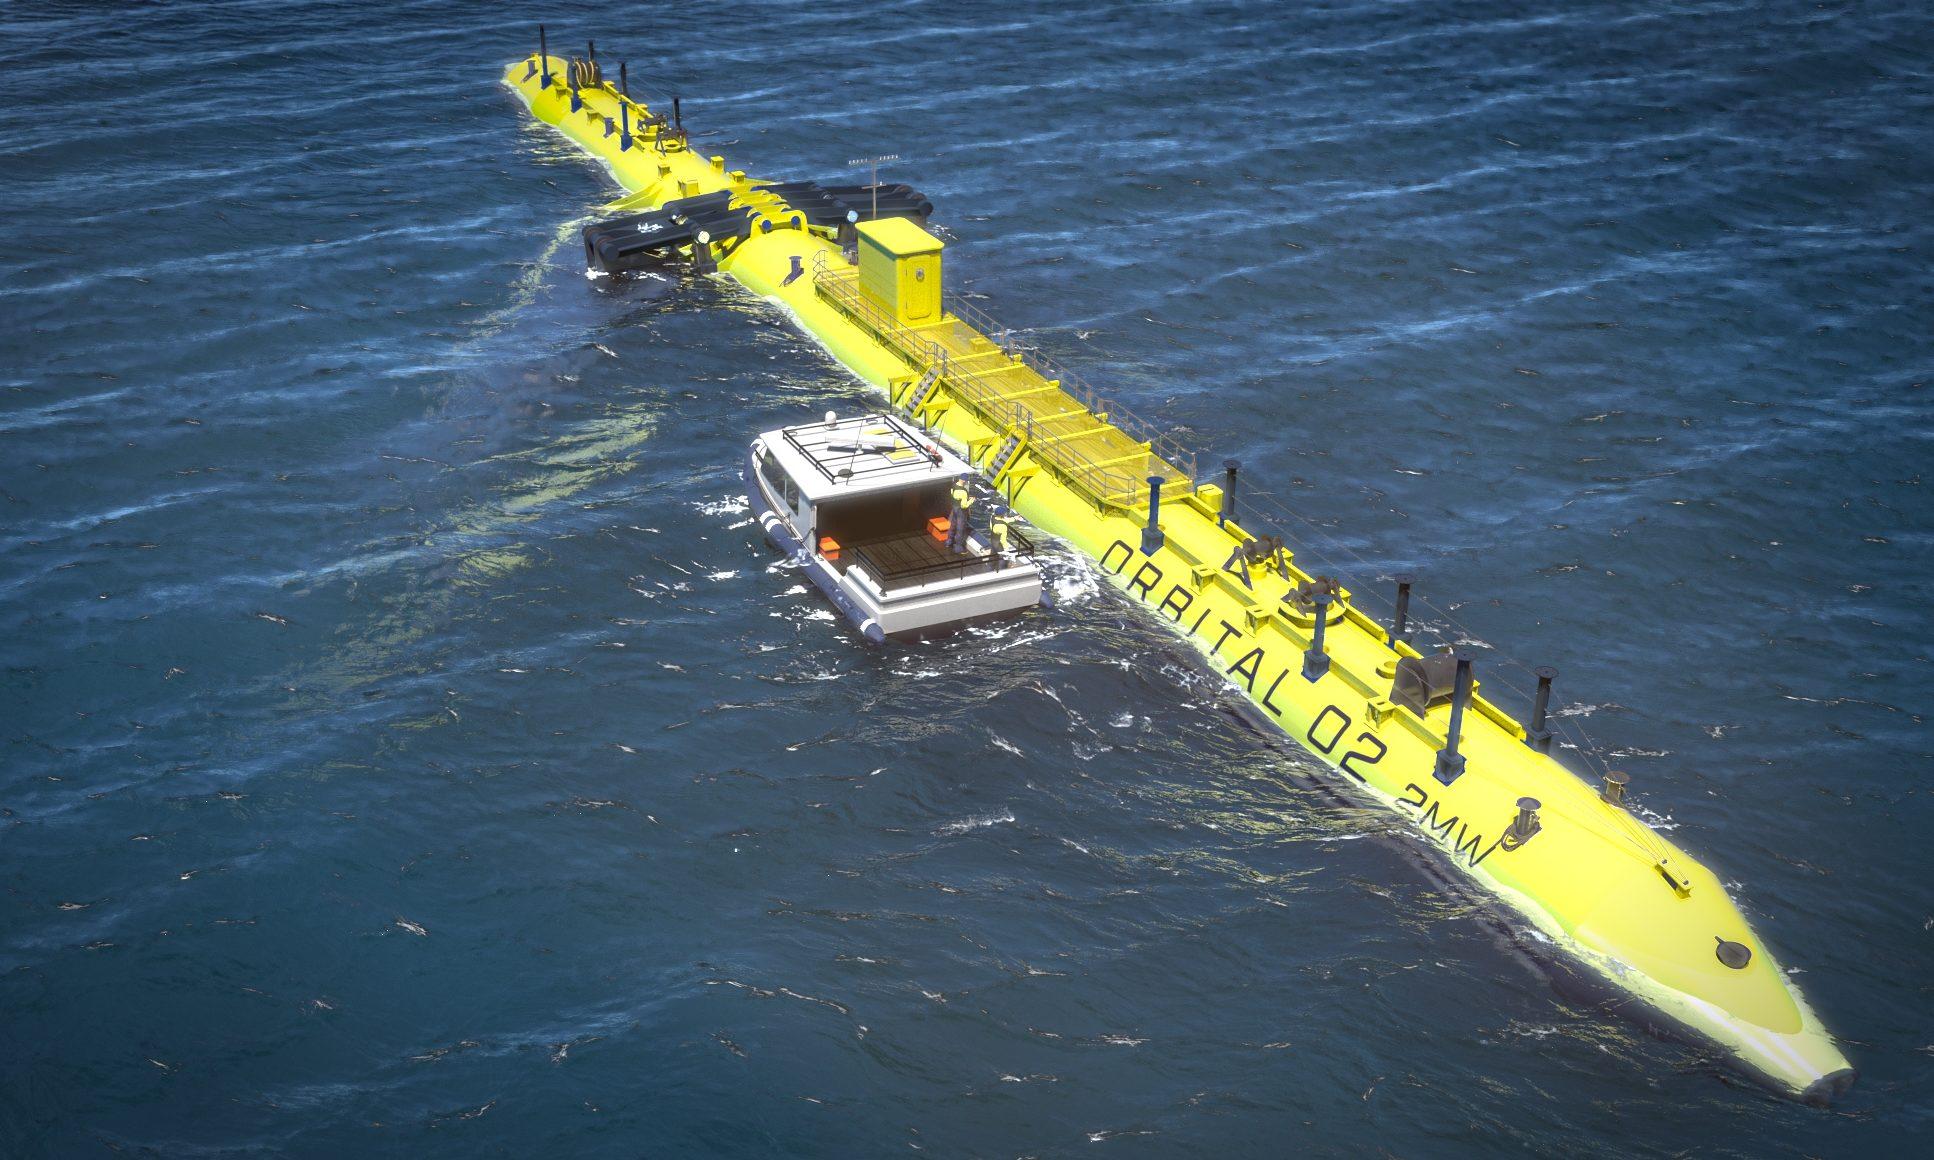 The O2 tidal turbine